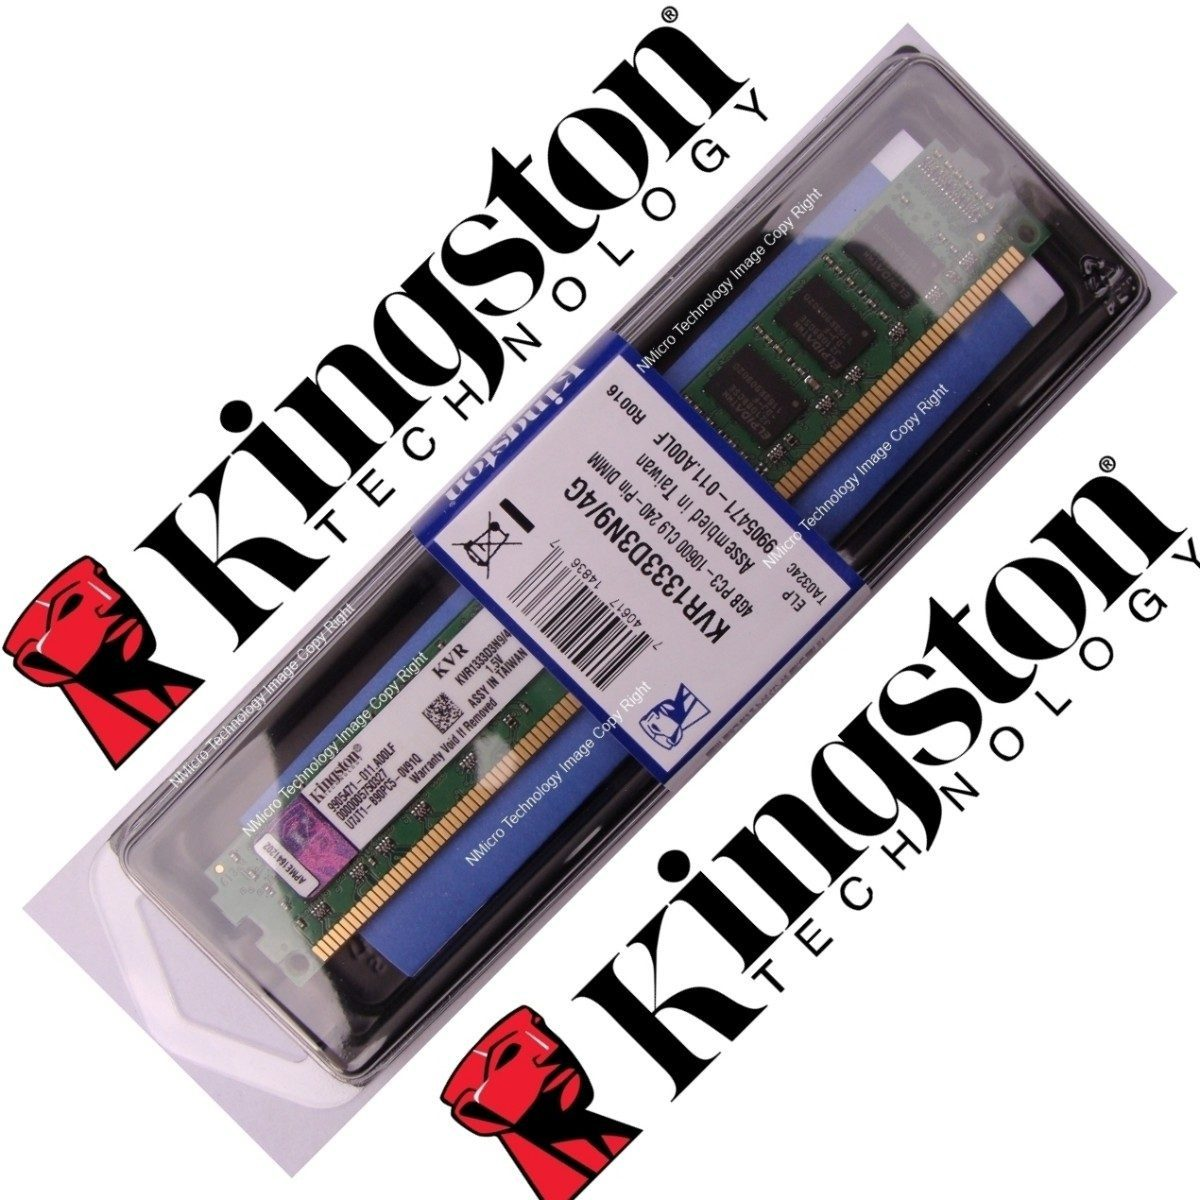 memoria ram ddr3-1333 4gb pc 1600 pc3l 10600 nuevo kingston so-dimm 4096mb